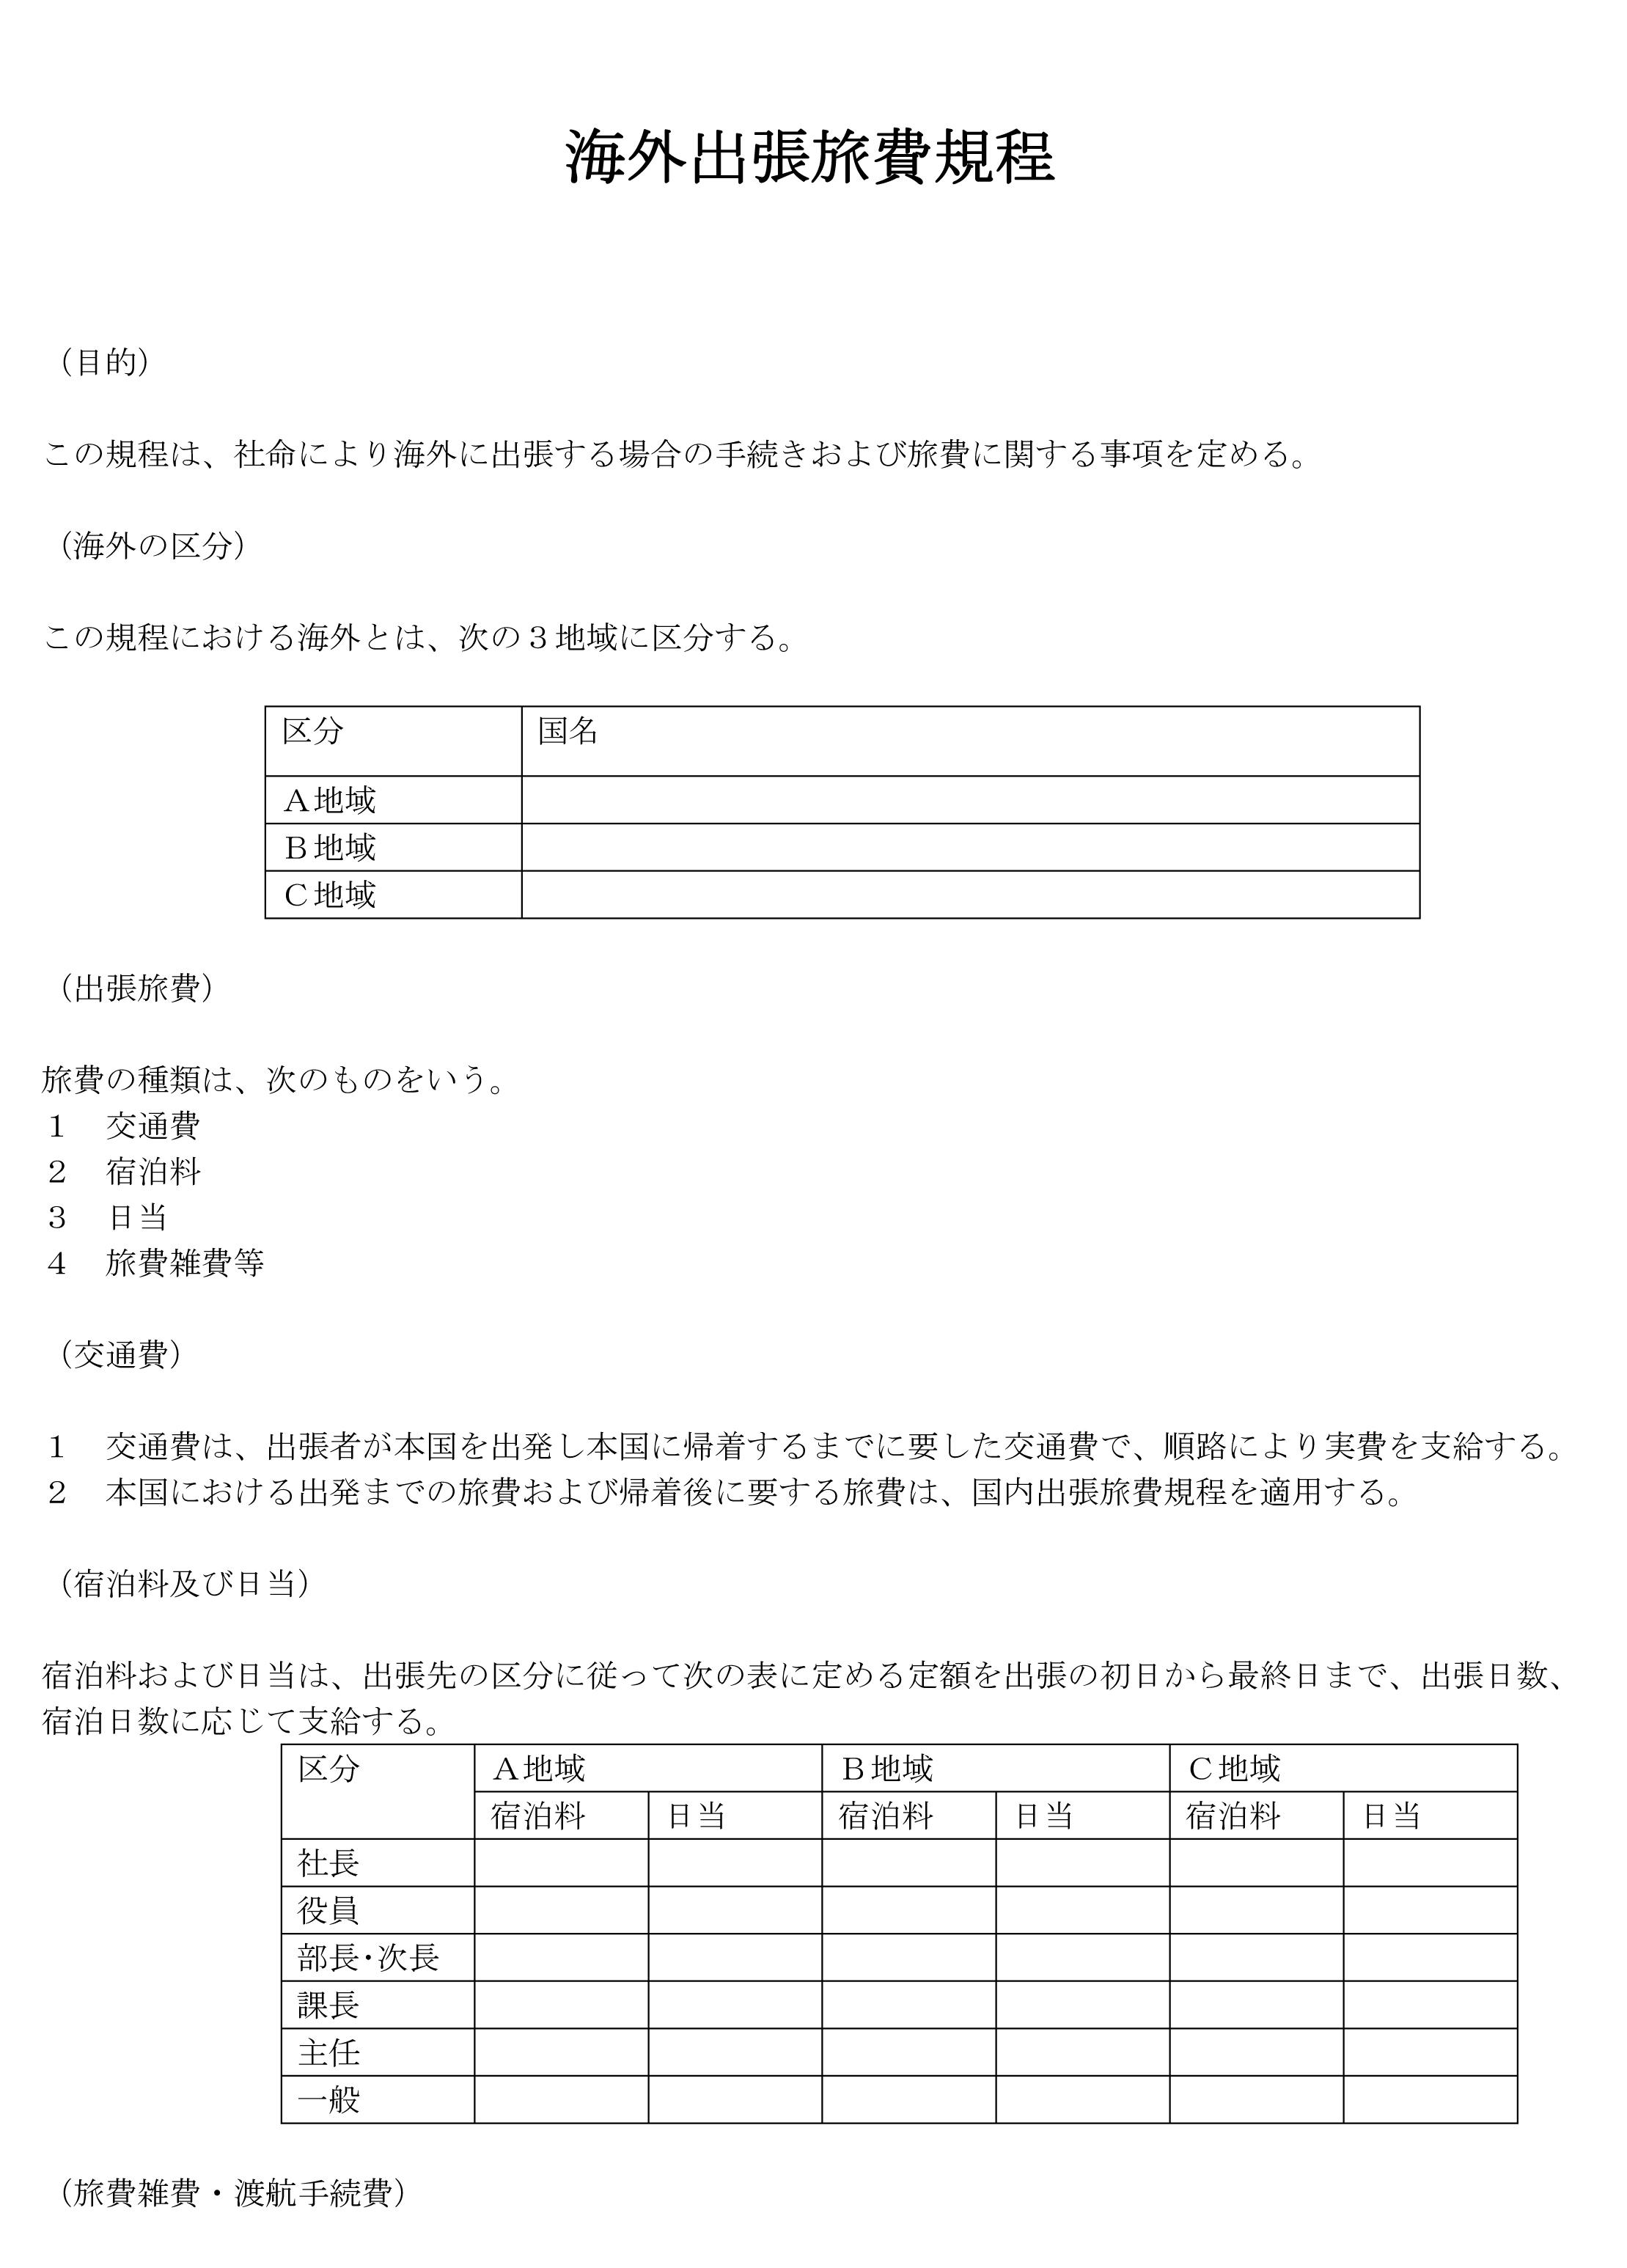 海外出張旅費規程02